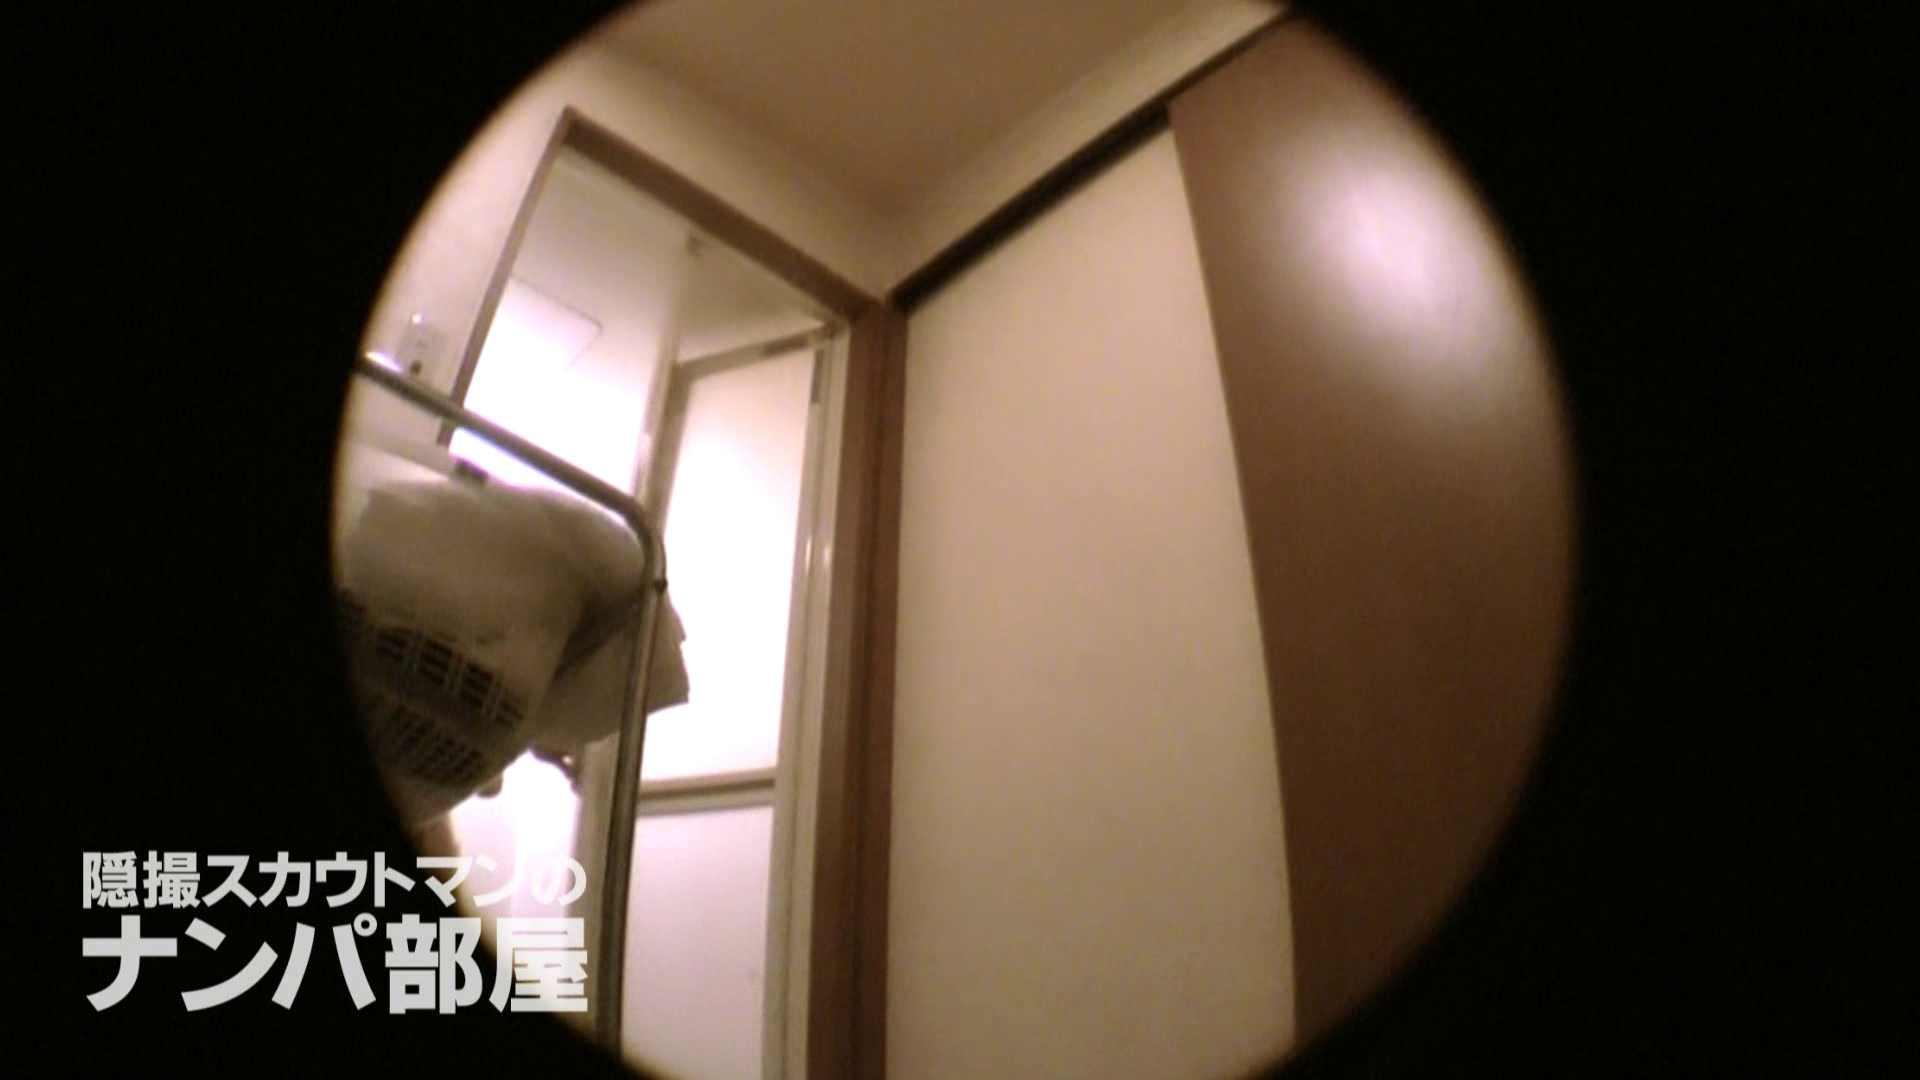 隠撮スカウトマンのナンパ部屋~風俗デビュー前のつまみ食い~ siivol.2 OL裸体 | ナンパ  58画像 26